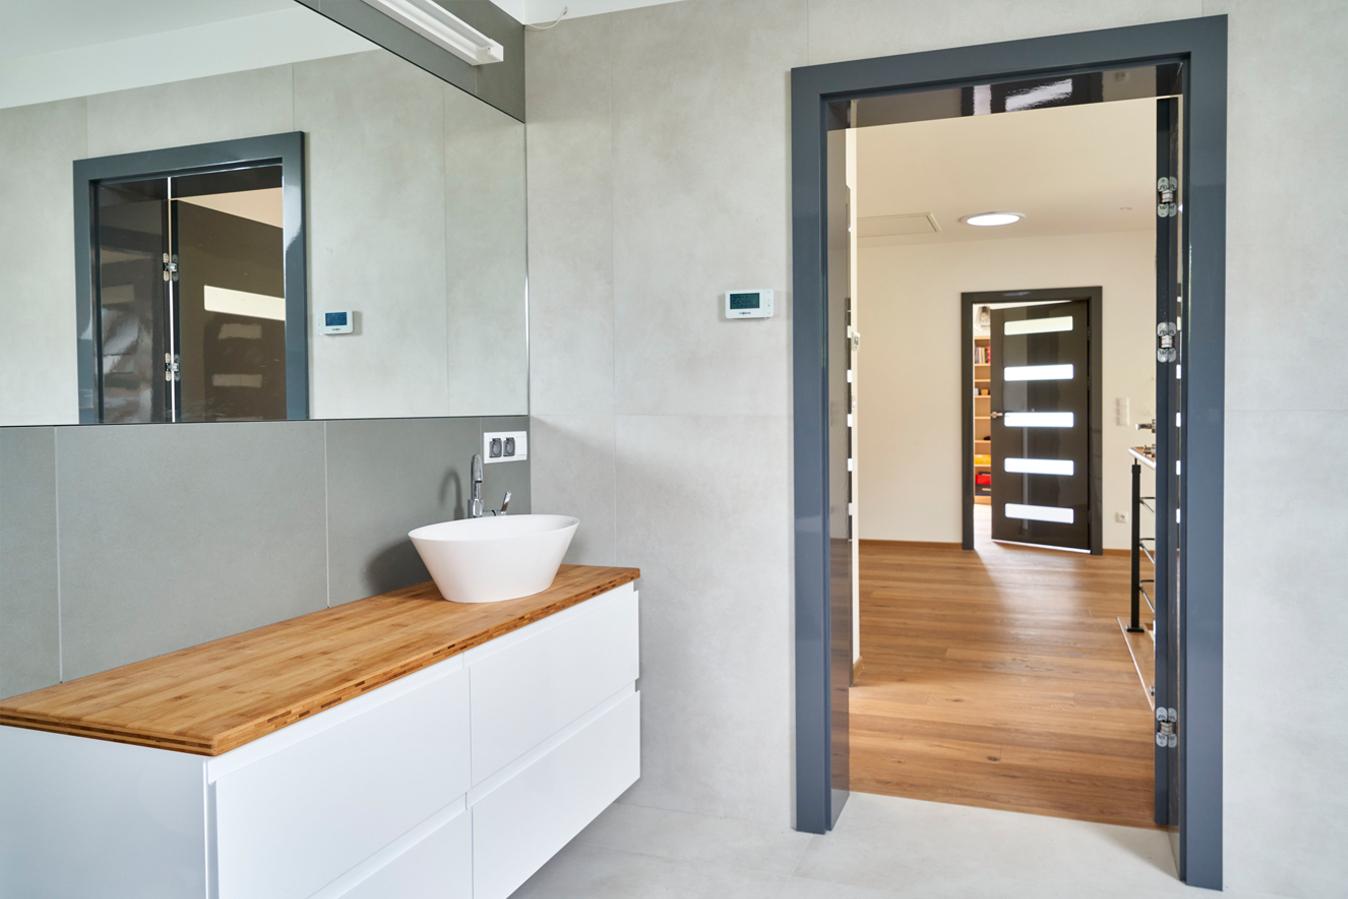 drzwi wewnętrzne BOLZANO dark grey GLOSSA 3 małe